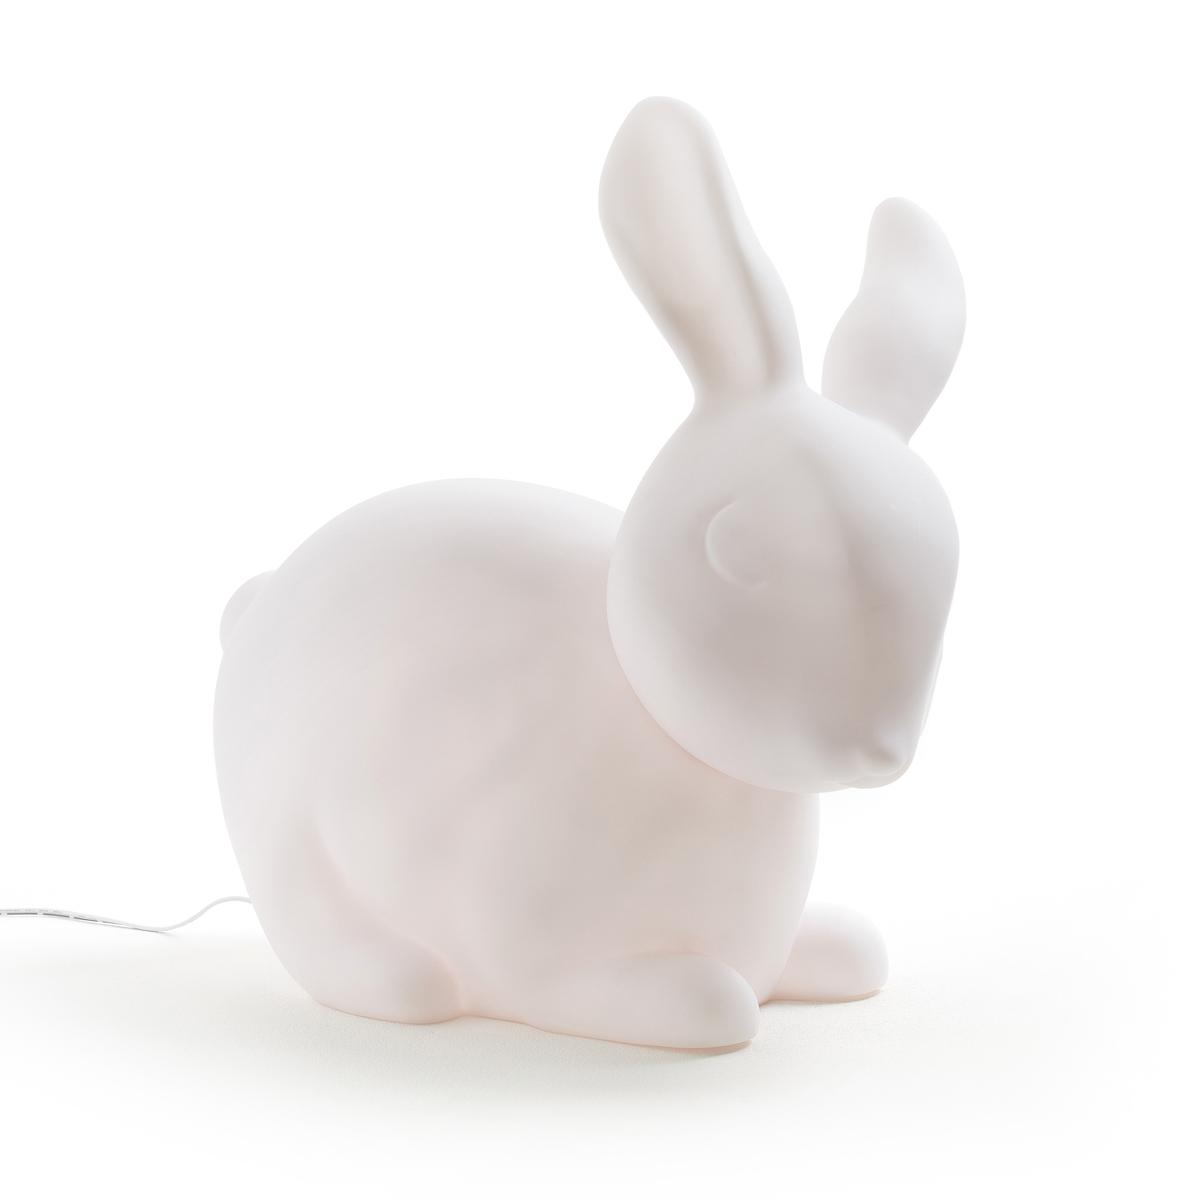 Лампа светодиодная, LunicoleЛампа Lunicole. Лампа формата XL в форме милого и пушистого зайчика… Симпатичная лампа, как в включенном, так и в выключенном состоянии, она дает мягкий и рассеянный свет и будет идеальна для вашего ребенка  .Характеристики : - Материал: ПВХ- Лампочка LED 0,85Вт (незаменяемая)- Выключатель вкл/выкл - Продается с преобразователем очень низкого напряжения .Размеры : - 39 x 38 x 18 см .<br><br>Цвет: белый